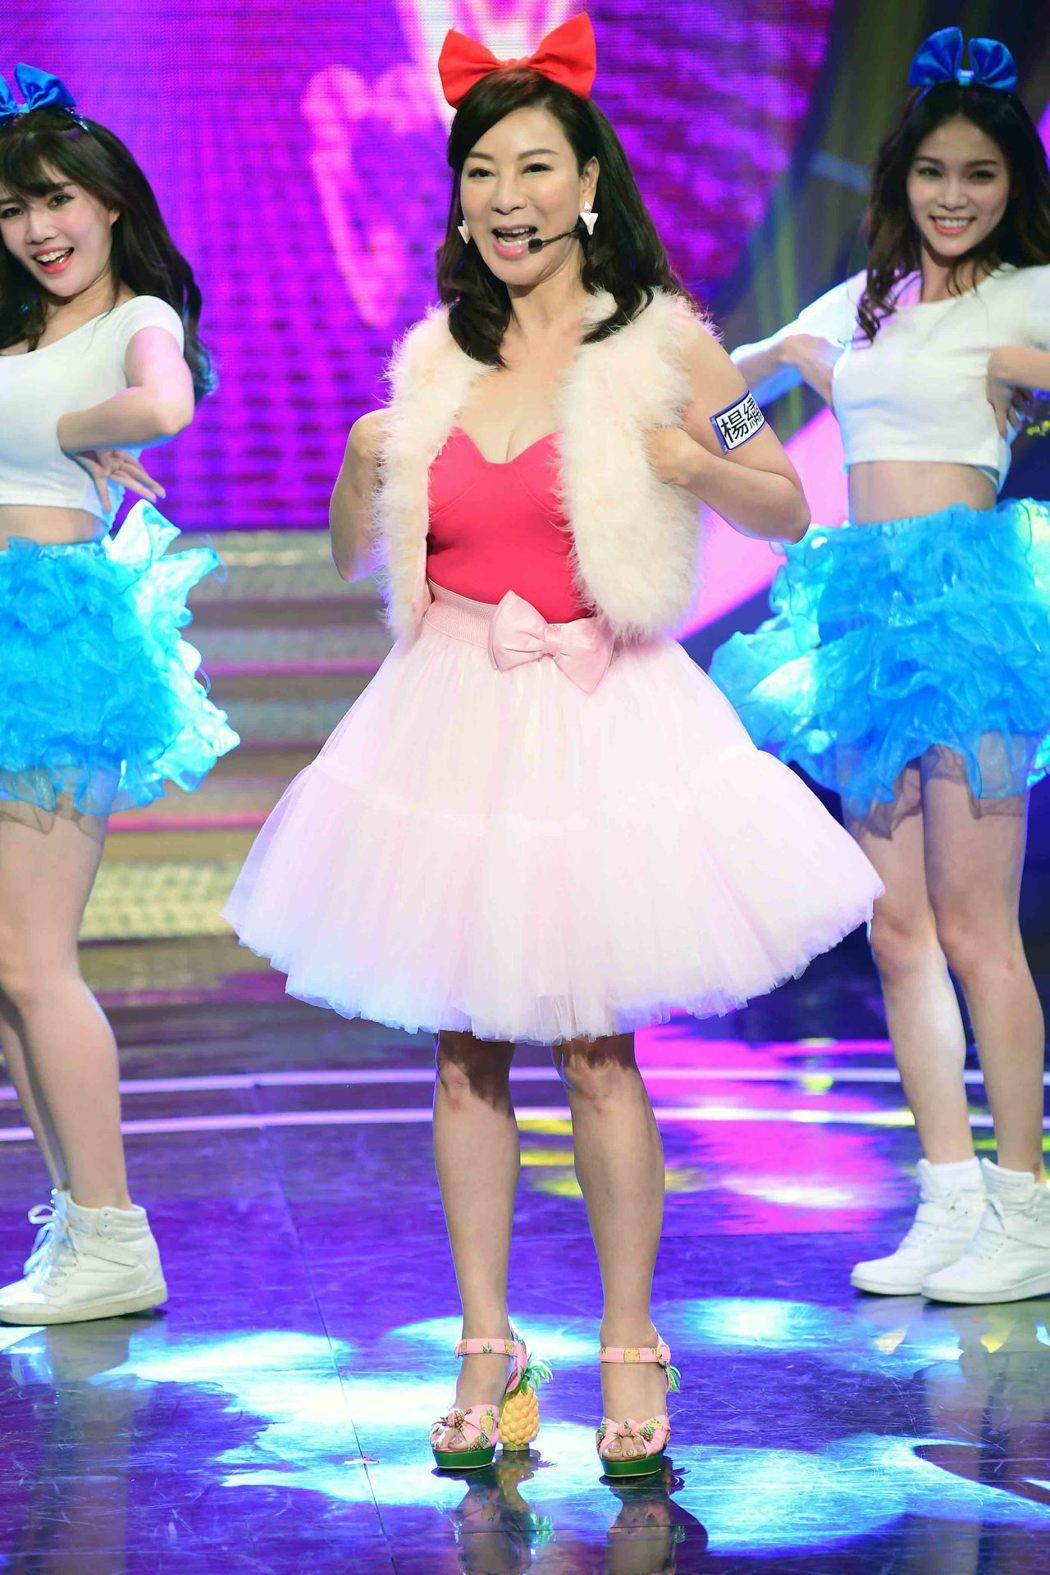 楊繡惠勁歌熱舞。圖/華視提供